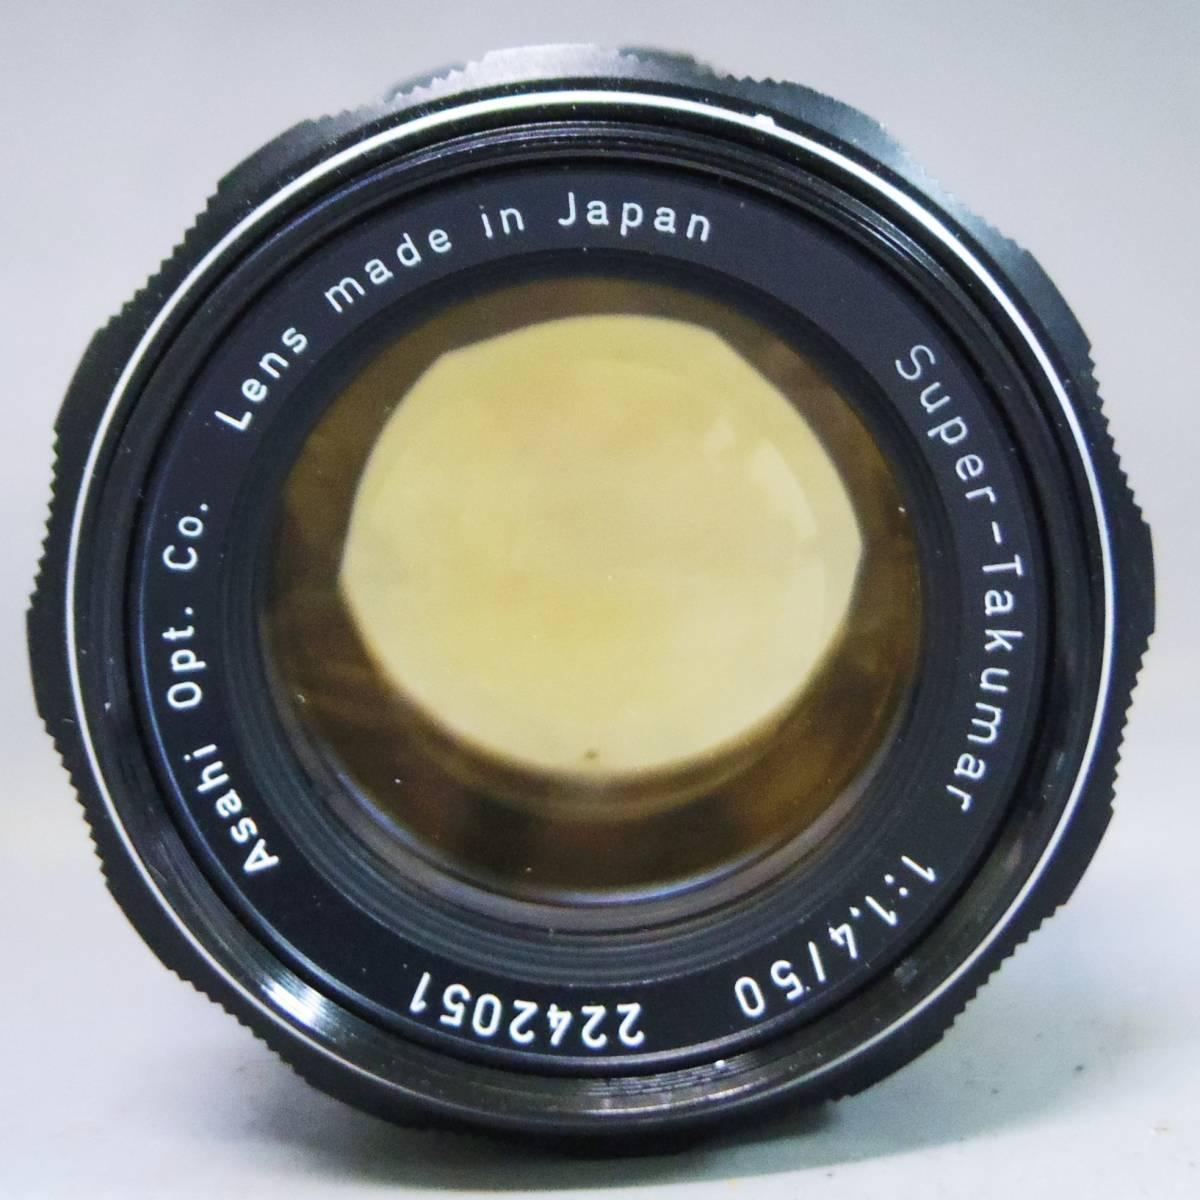 14 32-119125-07 ペンタックス PENTAX SP スポットマチック SPOTMATIC カメラ レンズ Super-Takumar 1:1.4/50 神32_画像6